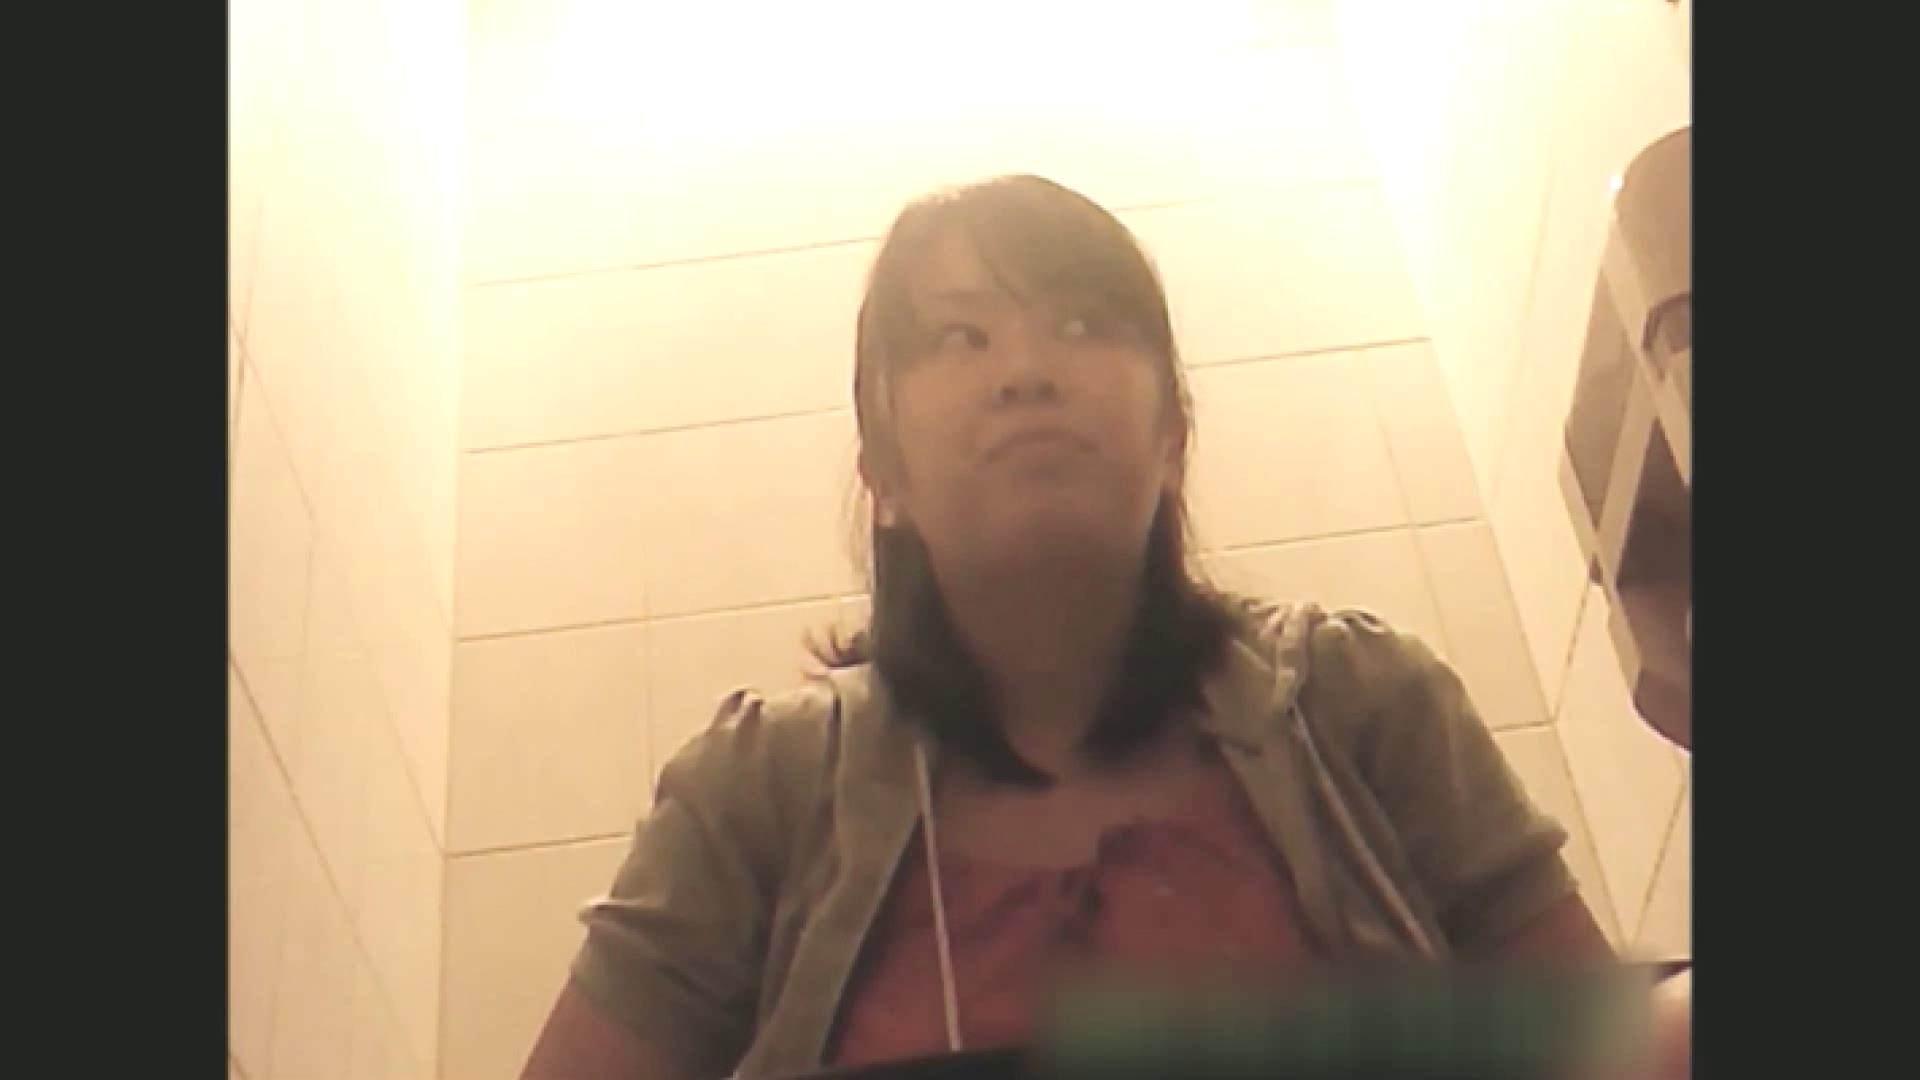 実録!!綺麗なお姉さんのトイレ事情・・・。vol.1 OLすけべ画像  78連発 40